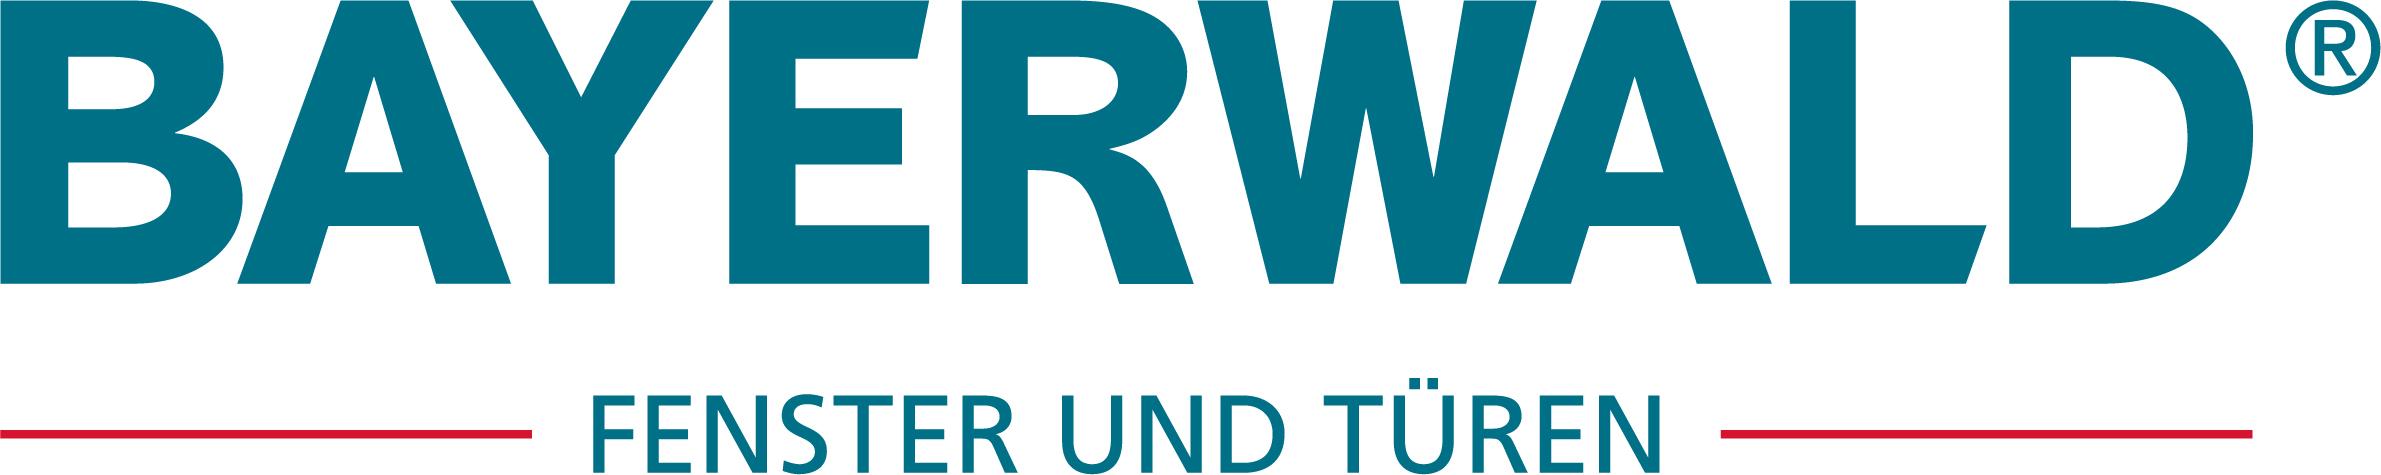 Bayerwald Fenster Und Türen logo bayerwald fenster türen bayerwald fenster haustüren